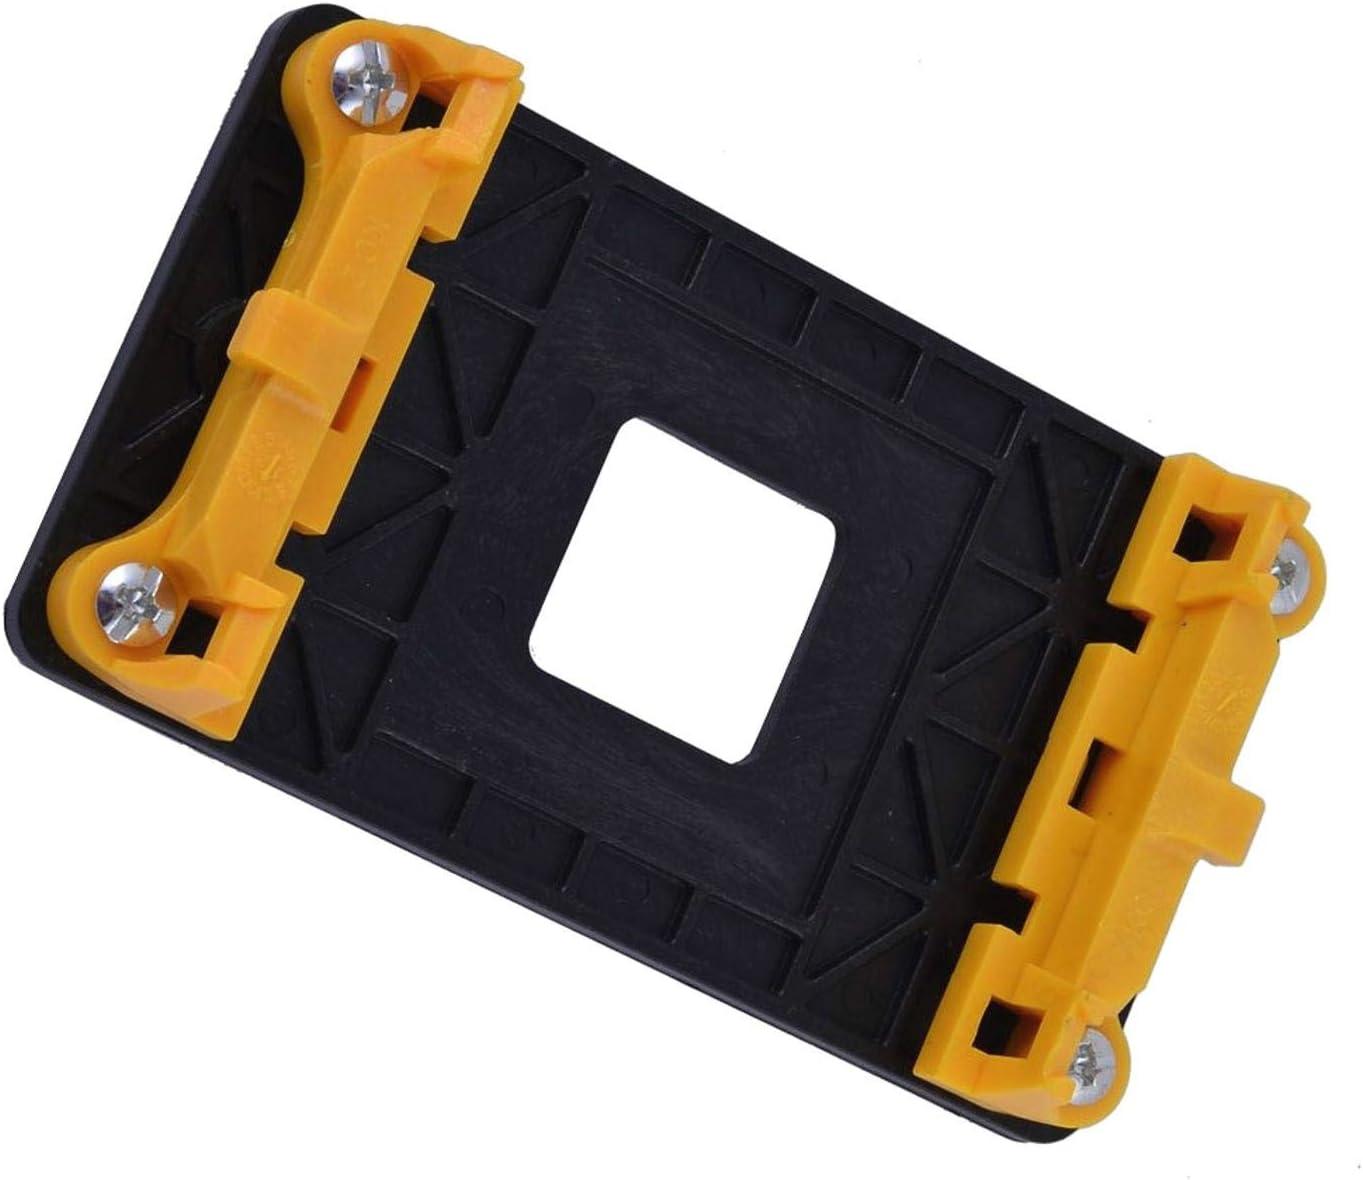 JK-2 Soporte del Ventilador Base del Soporte Soporte de plástico AM2 AM2 + AM3 AM3 + FM1 FM2 AMD Amarillo